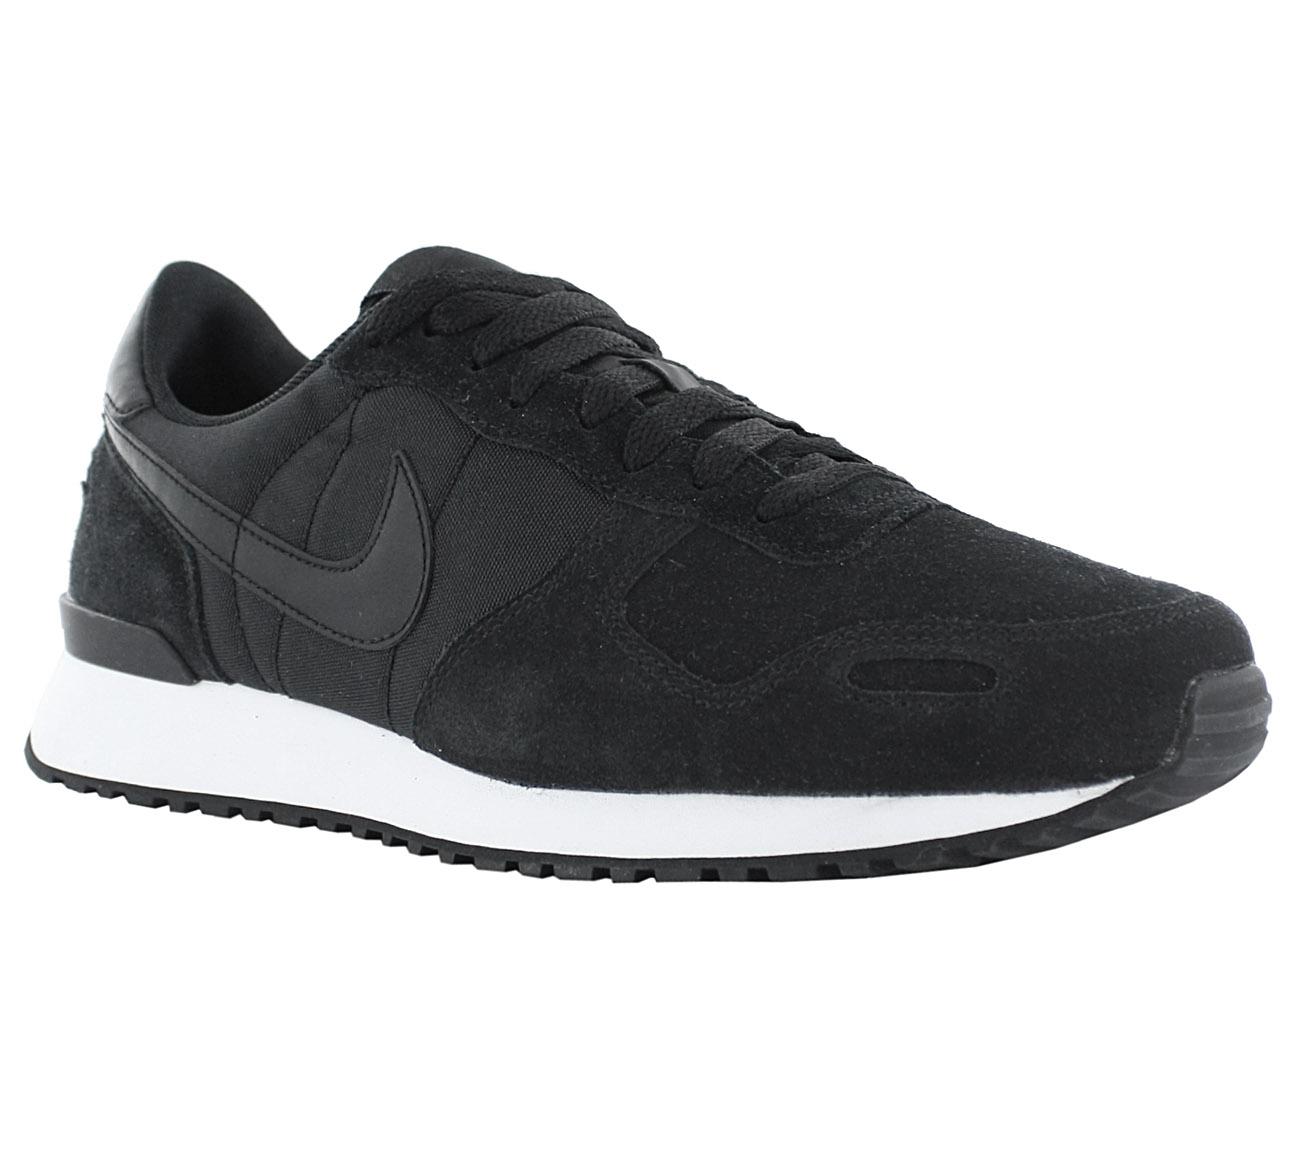 NEU Nike Air Vortex Leder Herren Schuhe Schwarz 918206-001 SALE